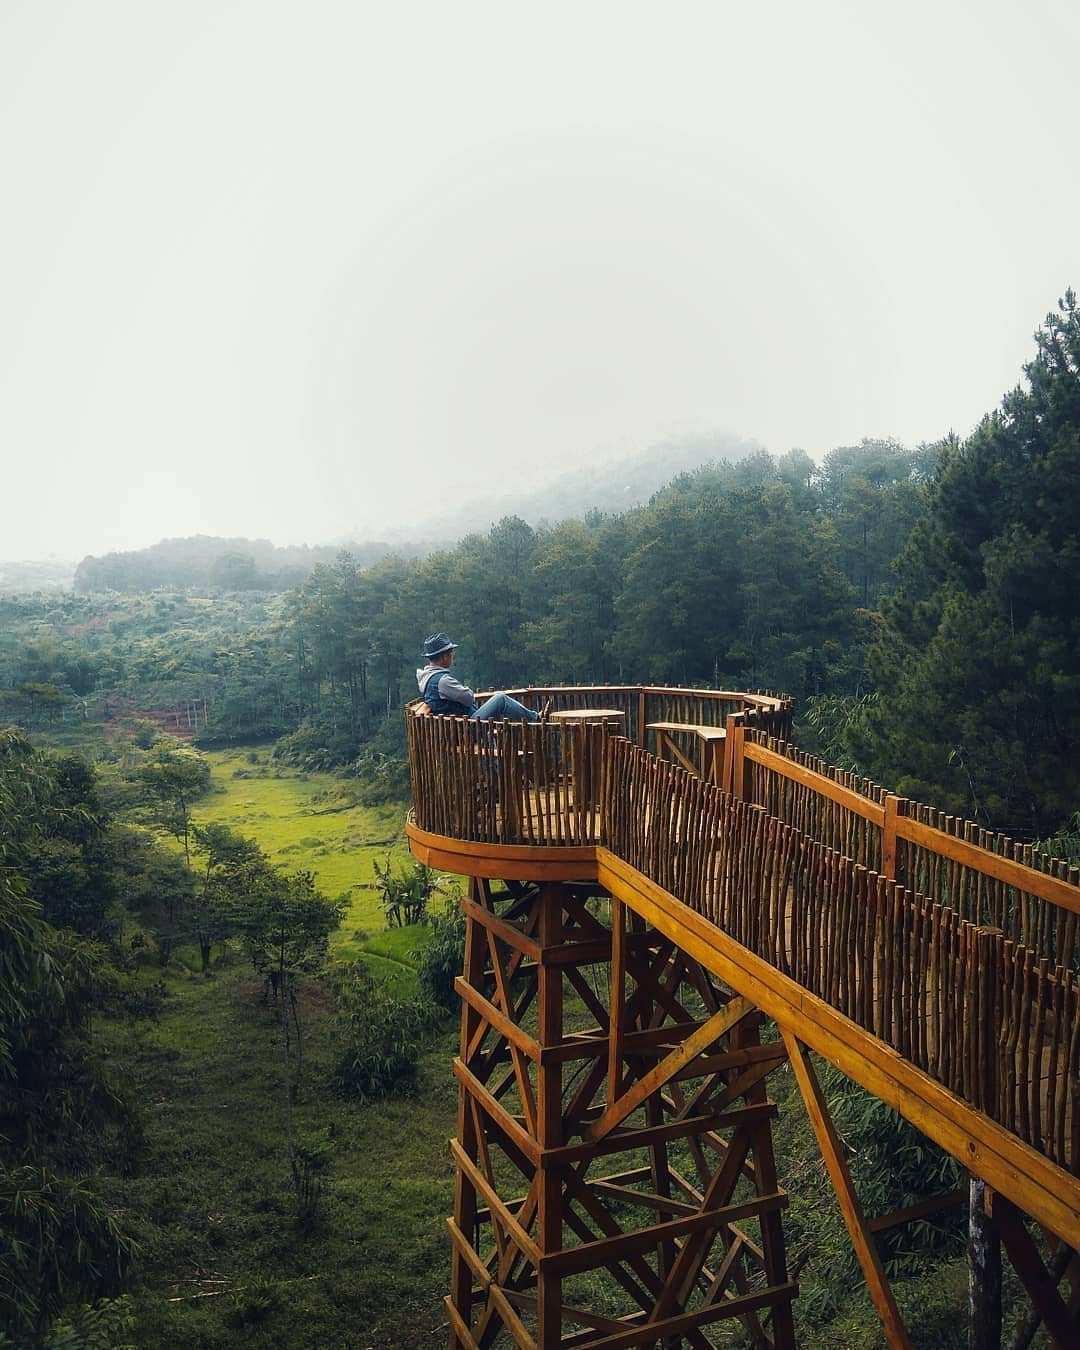 Gardu Pandang Wisata Bakukung Image From @ridwan_taufik